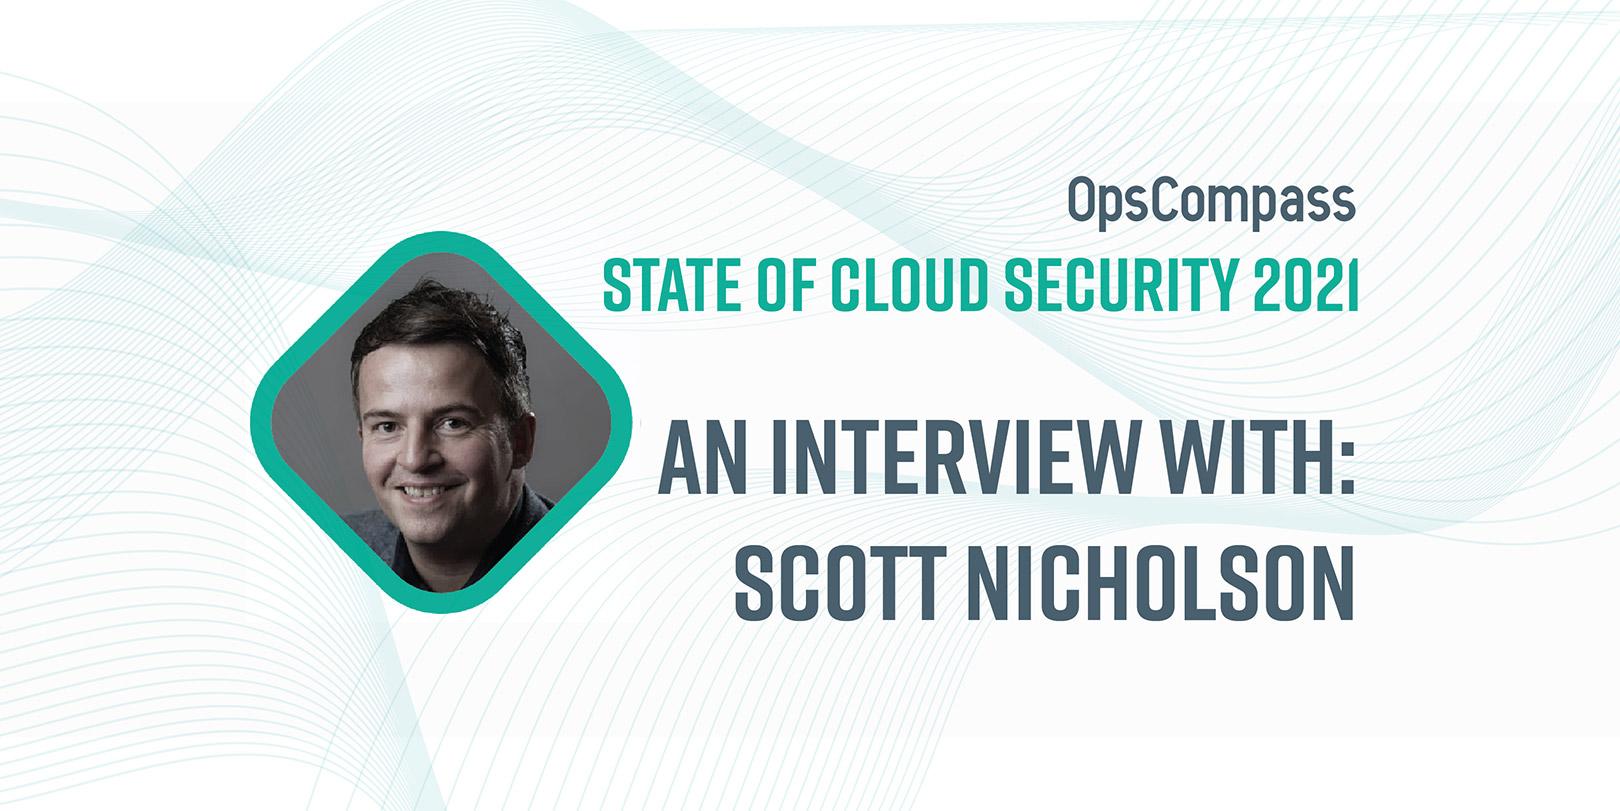 Scott Nicholson Interview